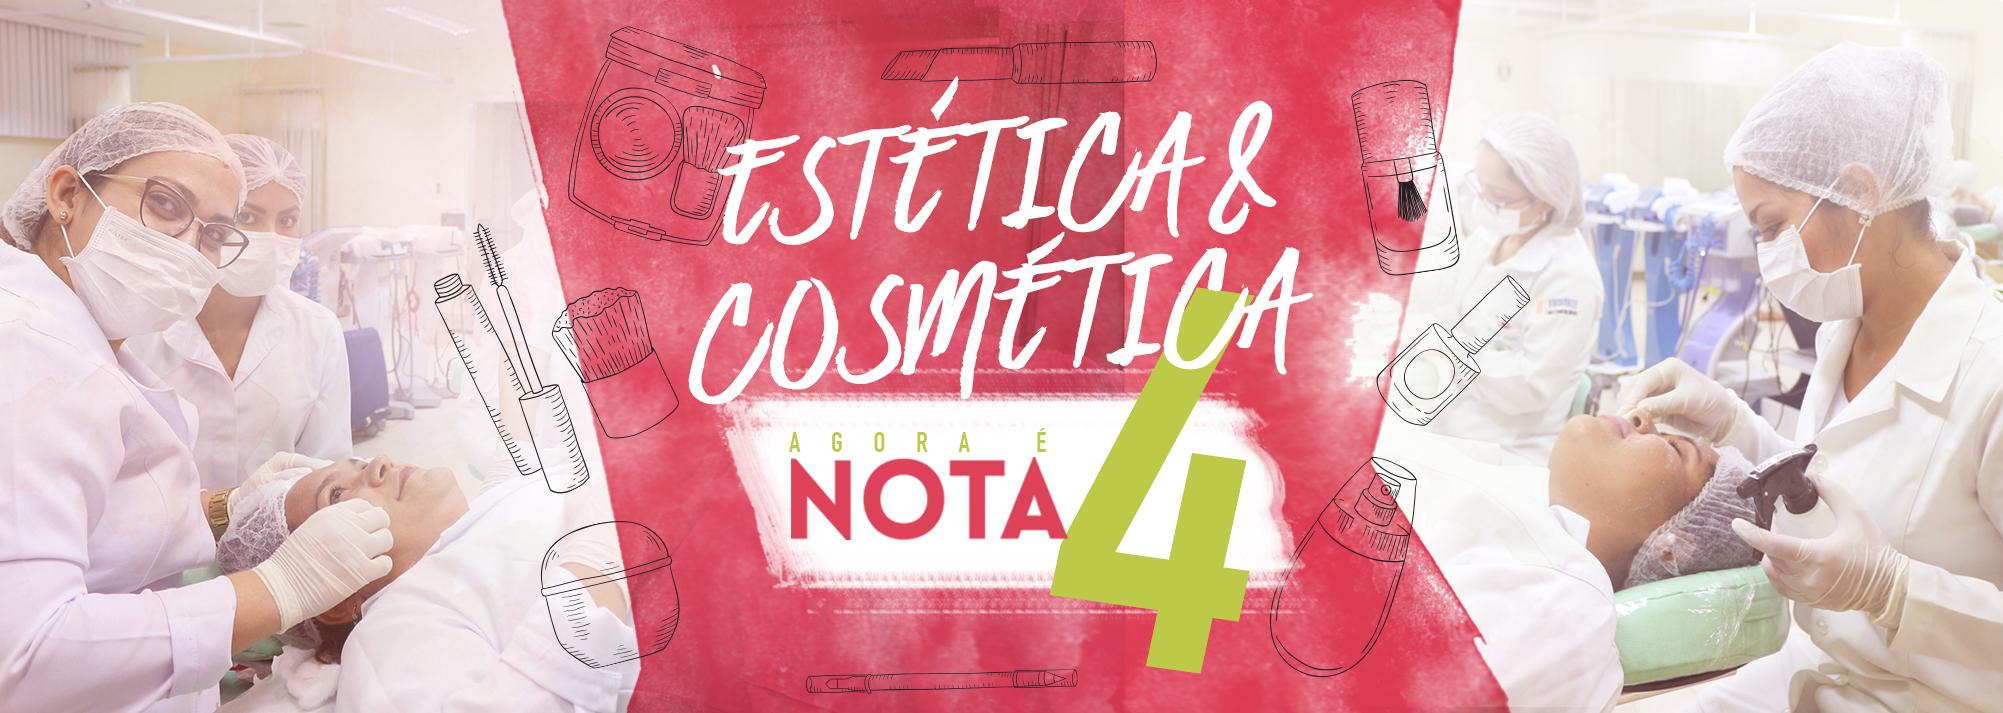 estetica-nota-4-uninorte